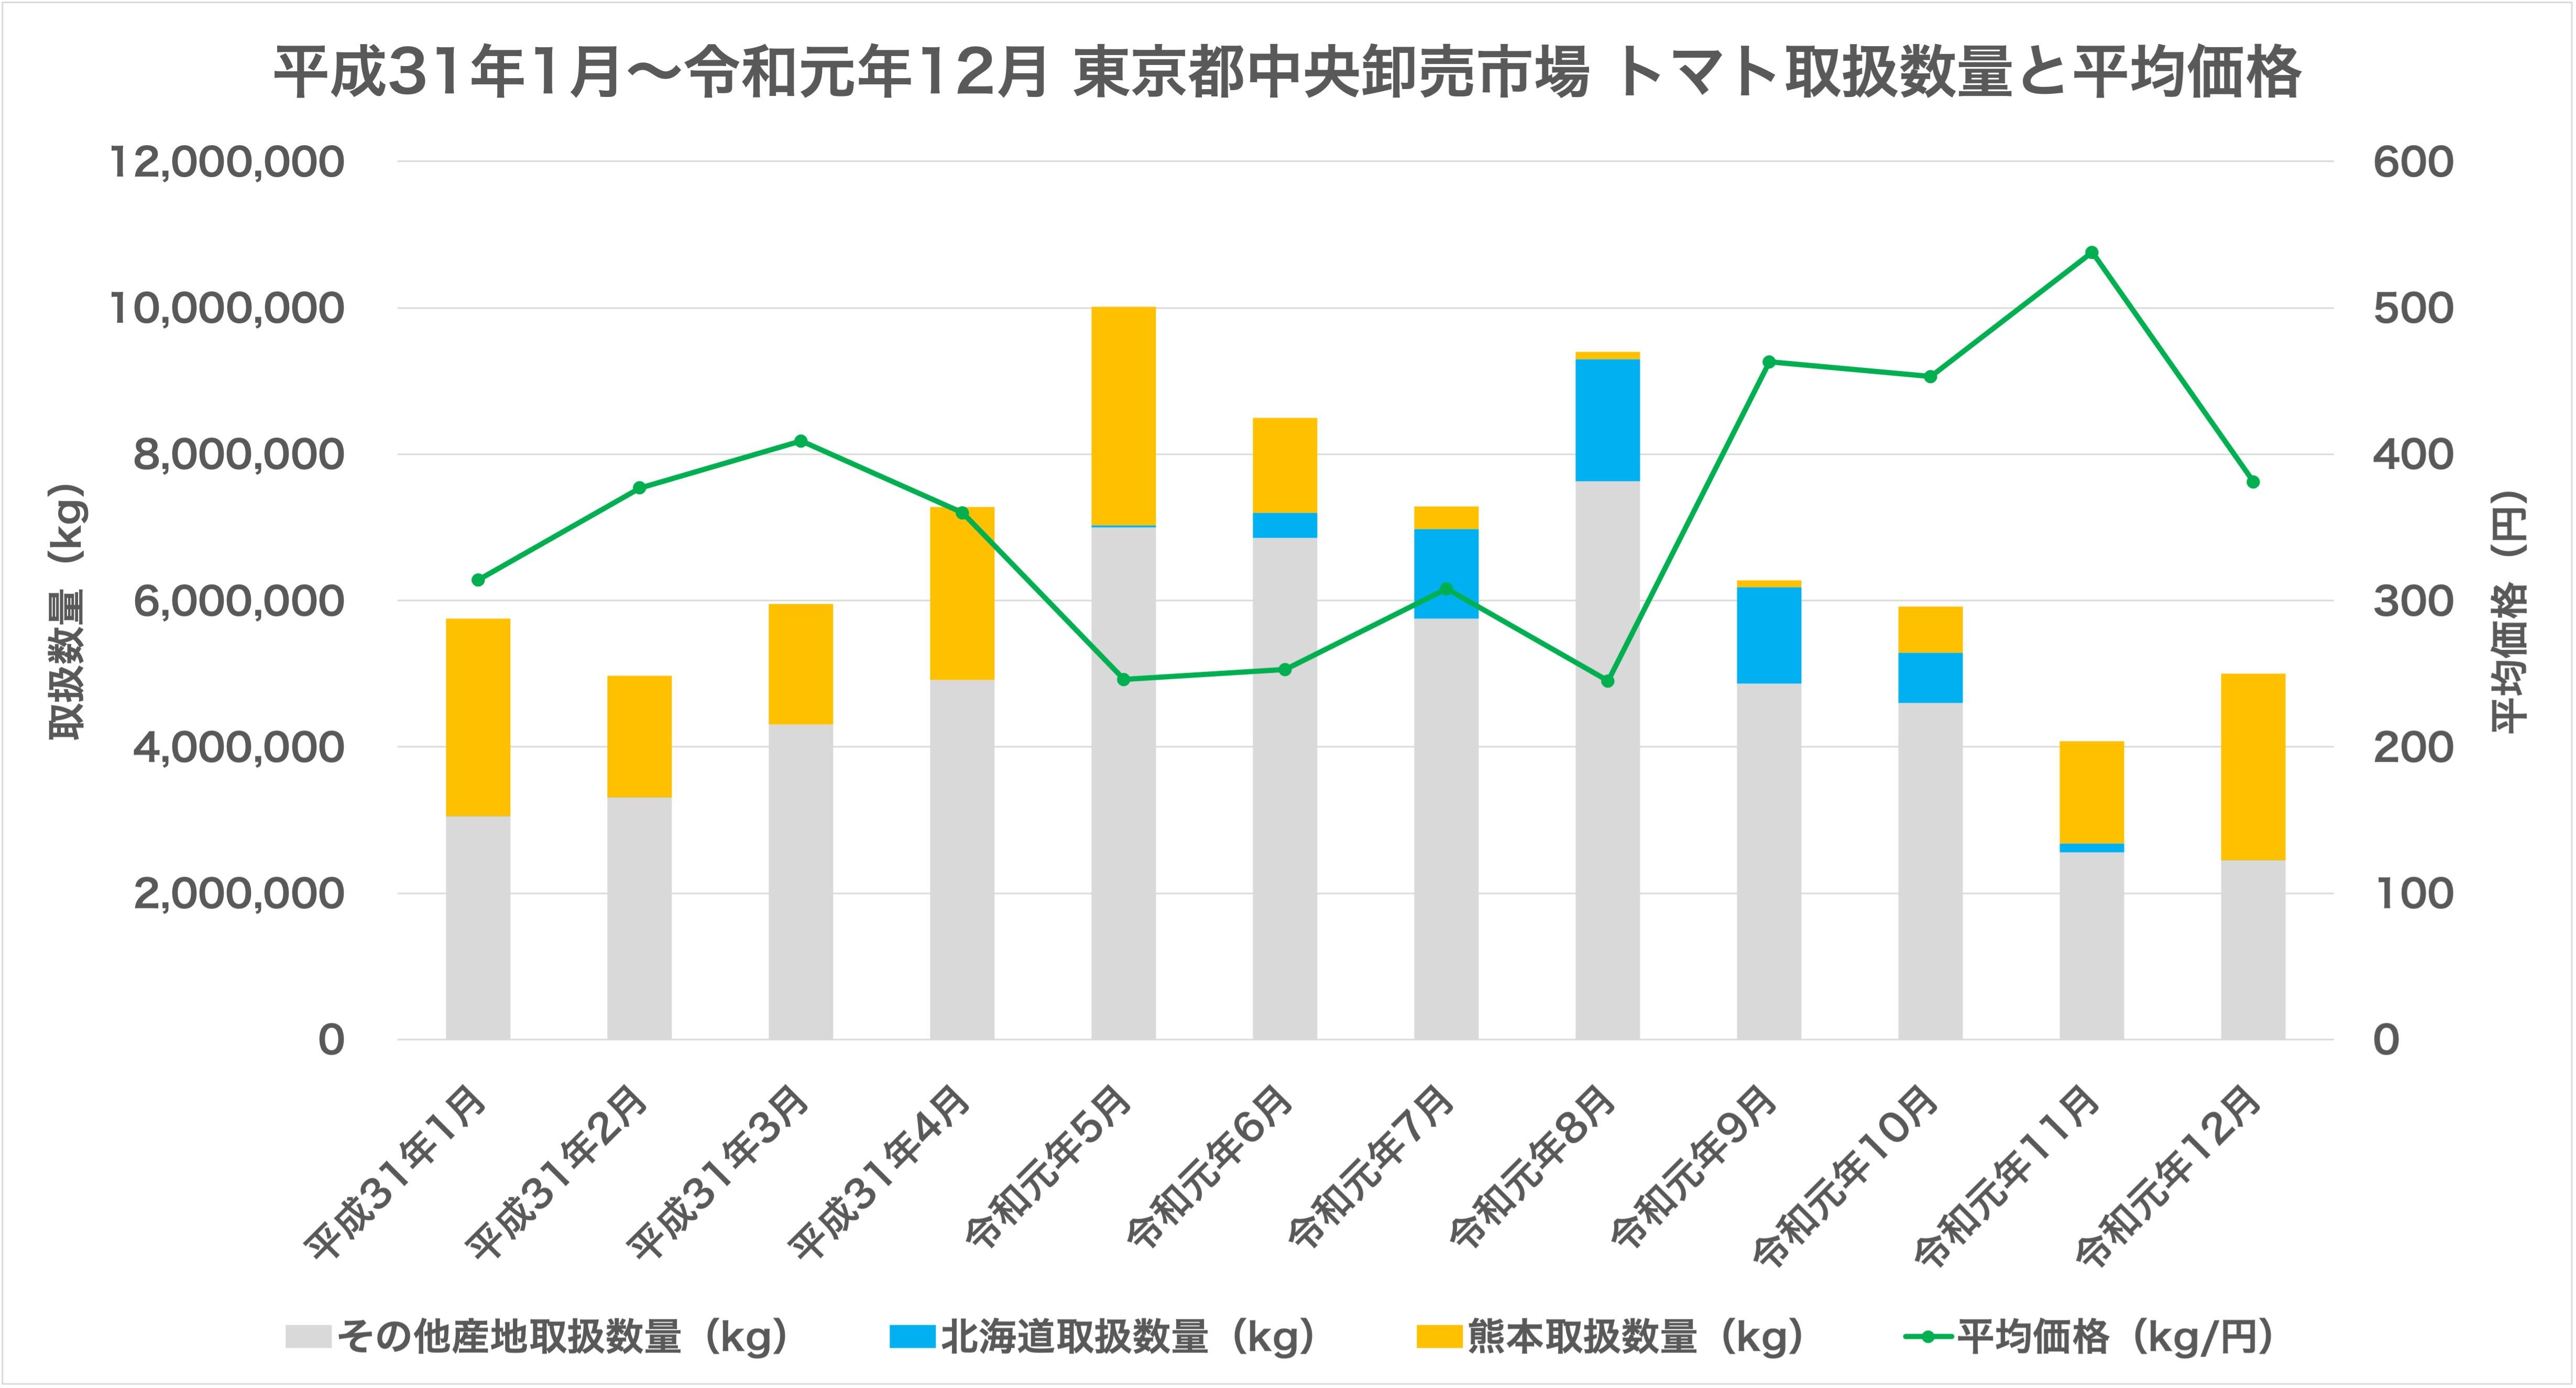 平成31年1月〜令和元年12月の東京都中央卸売市場でのトマトの取扱数量と平均価格を示した図です。